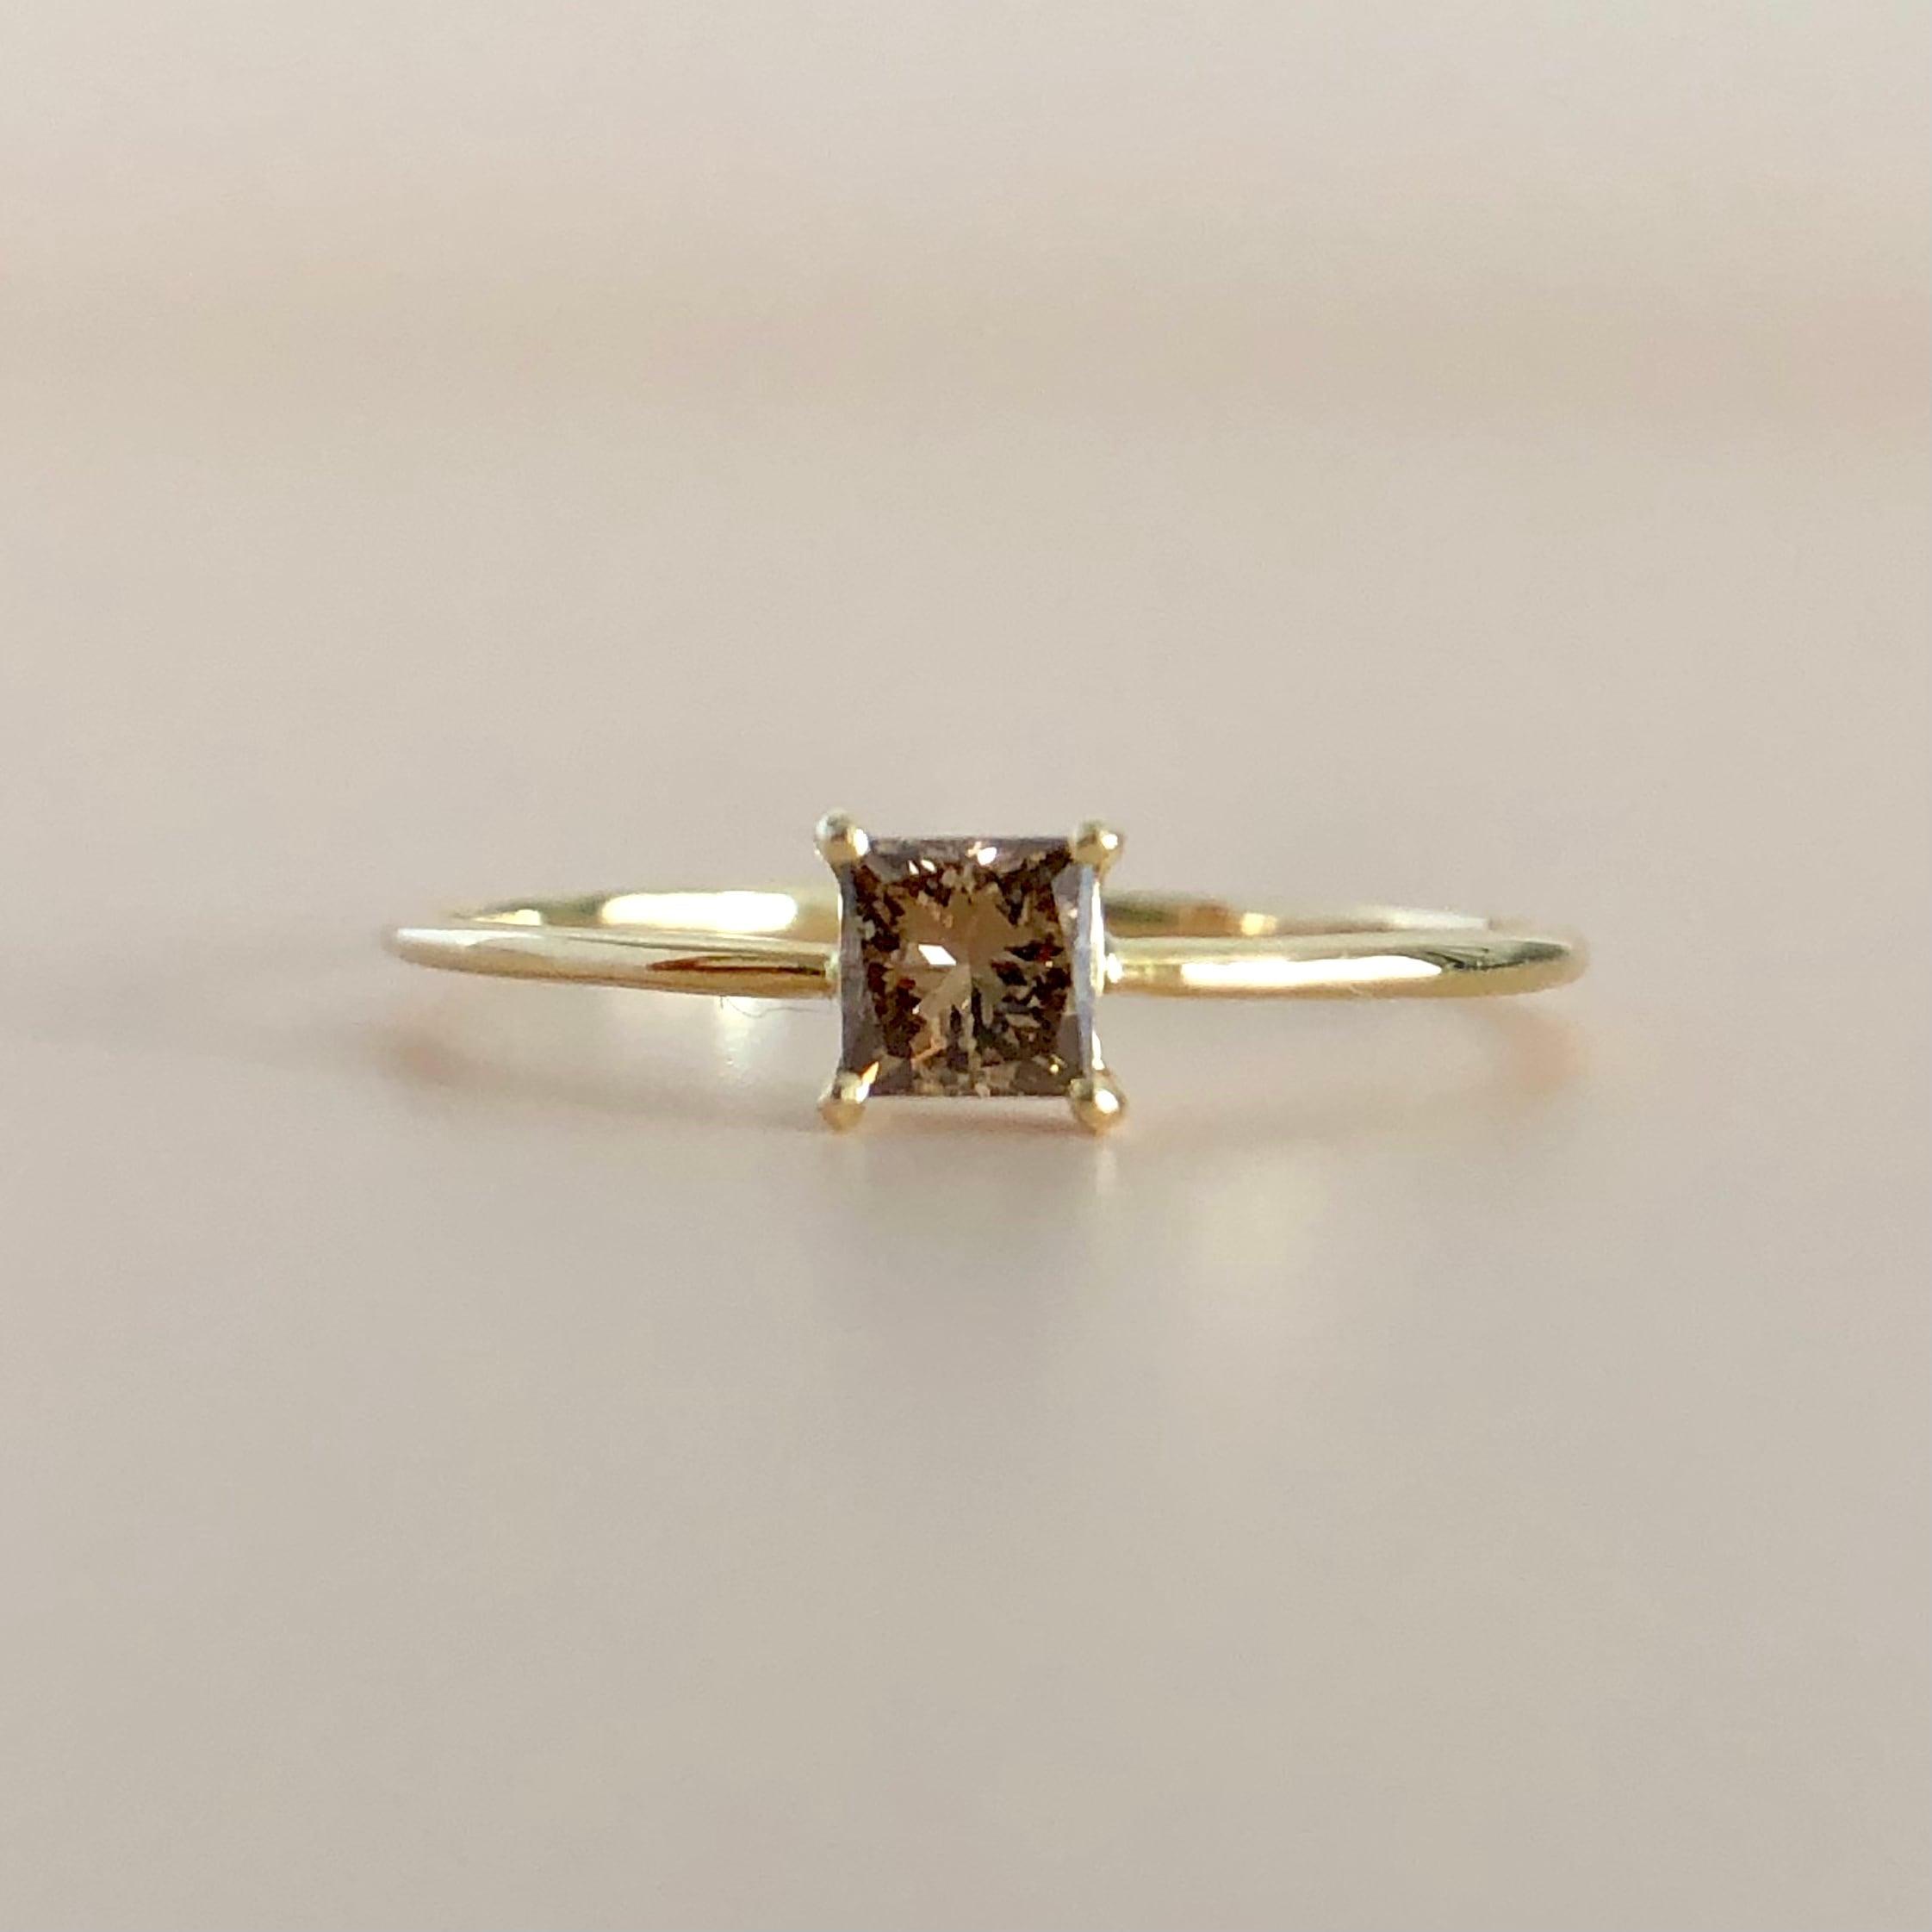 ブラウン プリンセスカット ダイヤモンド リング  0.15ct K18イエローゴールド チェカ 鑑別書付